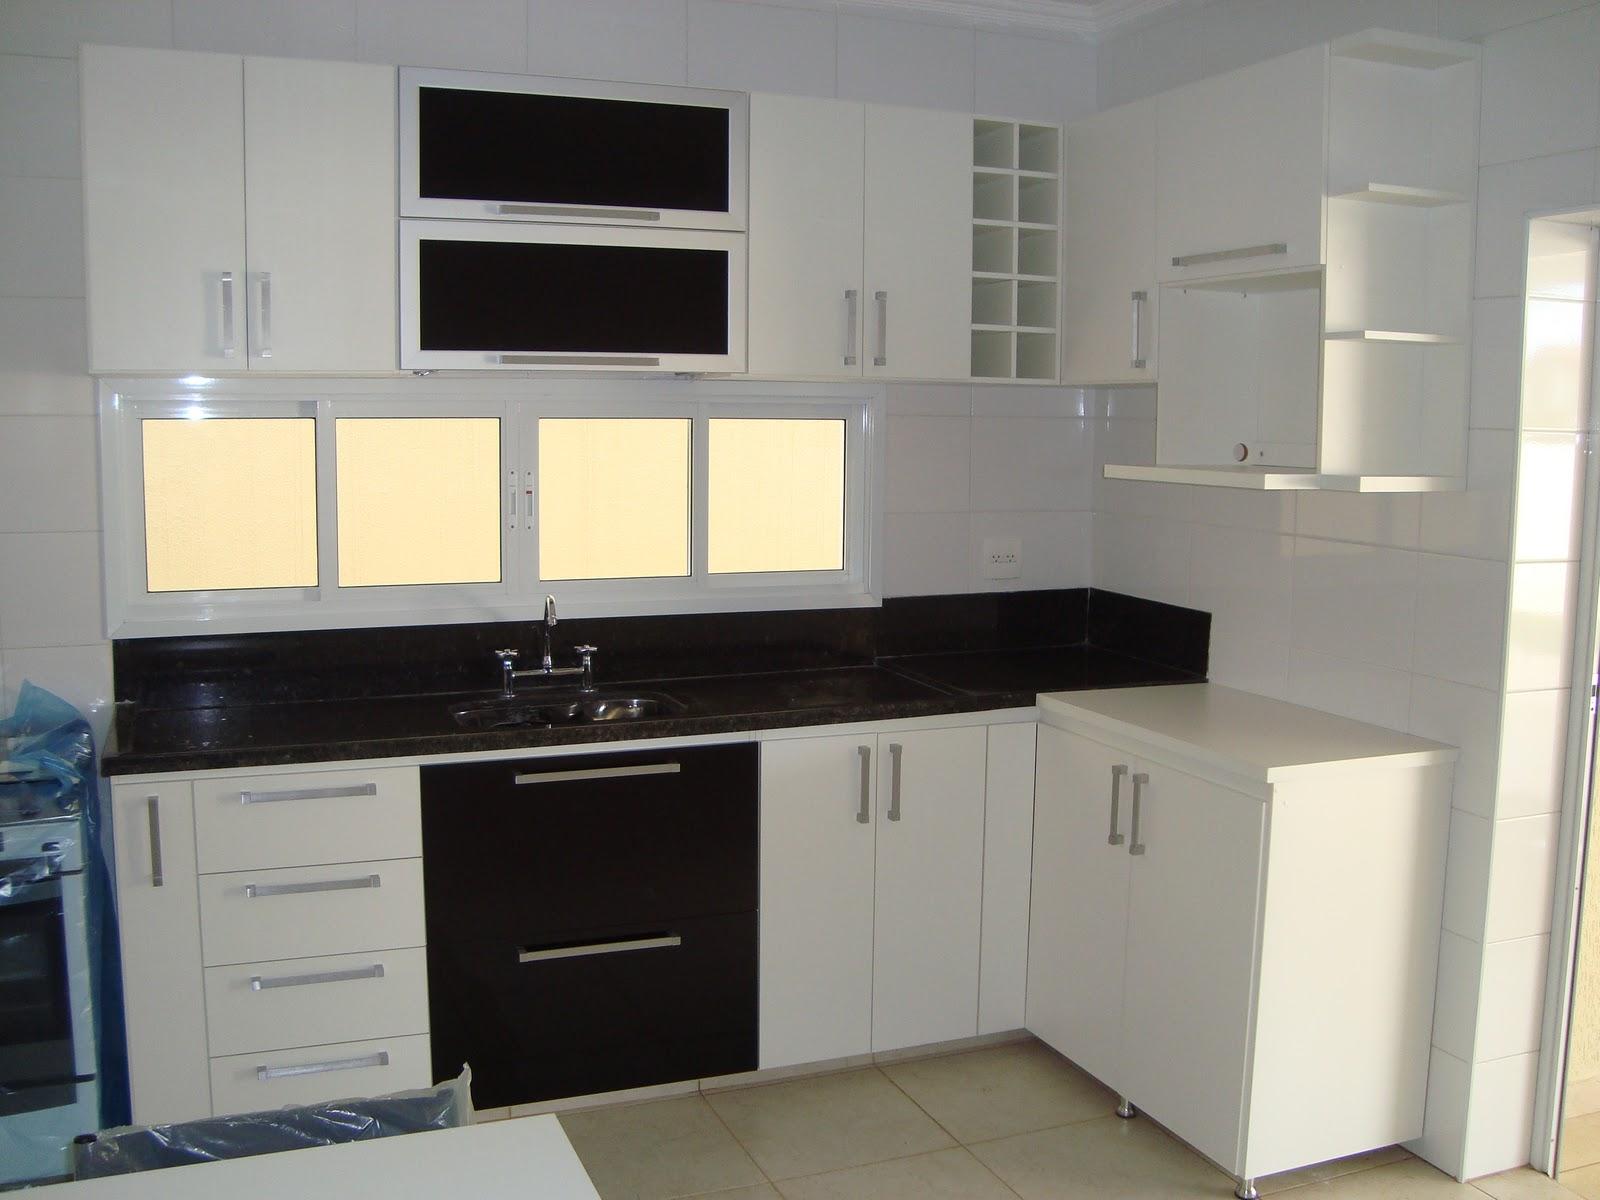 Armario cozinha planejada #887843 1600 1200